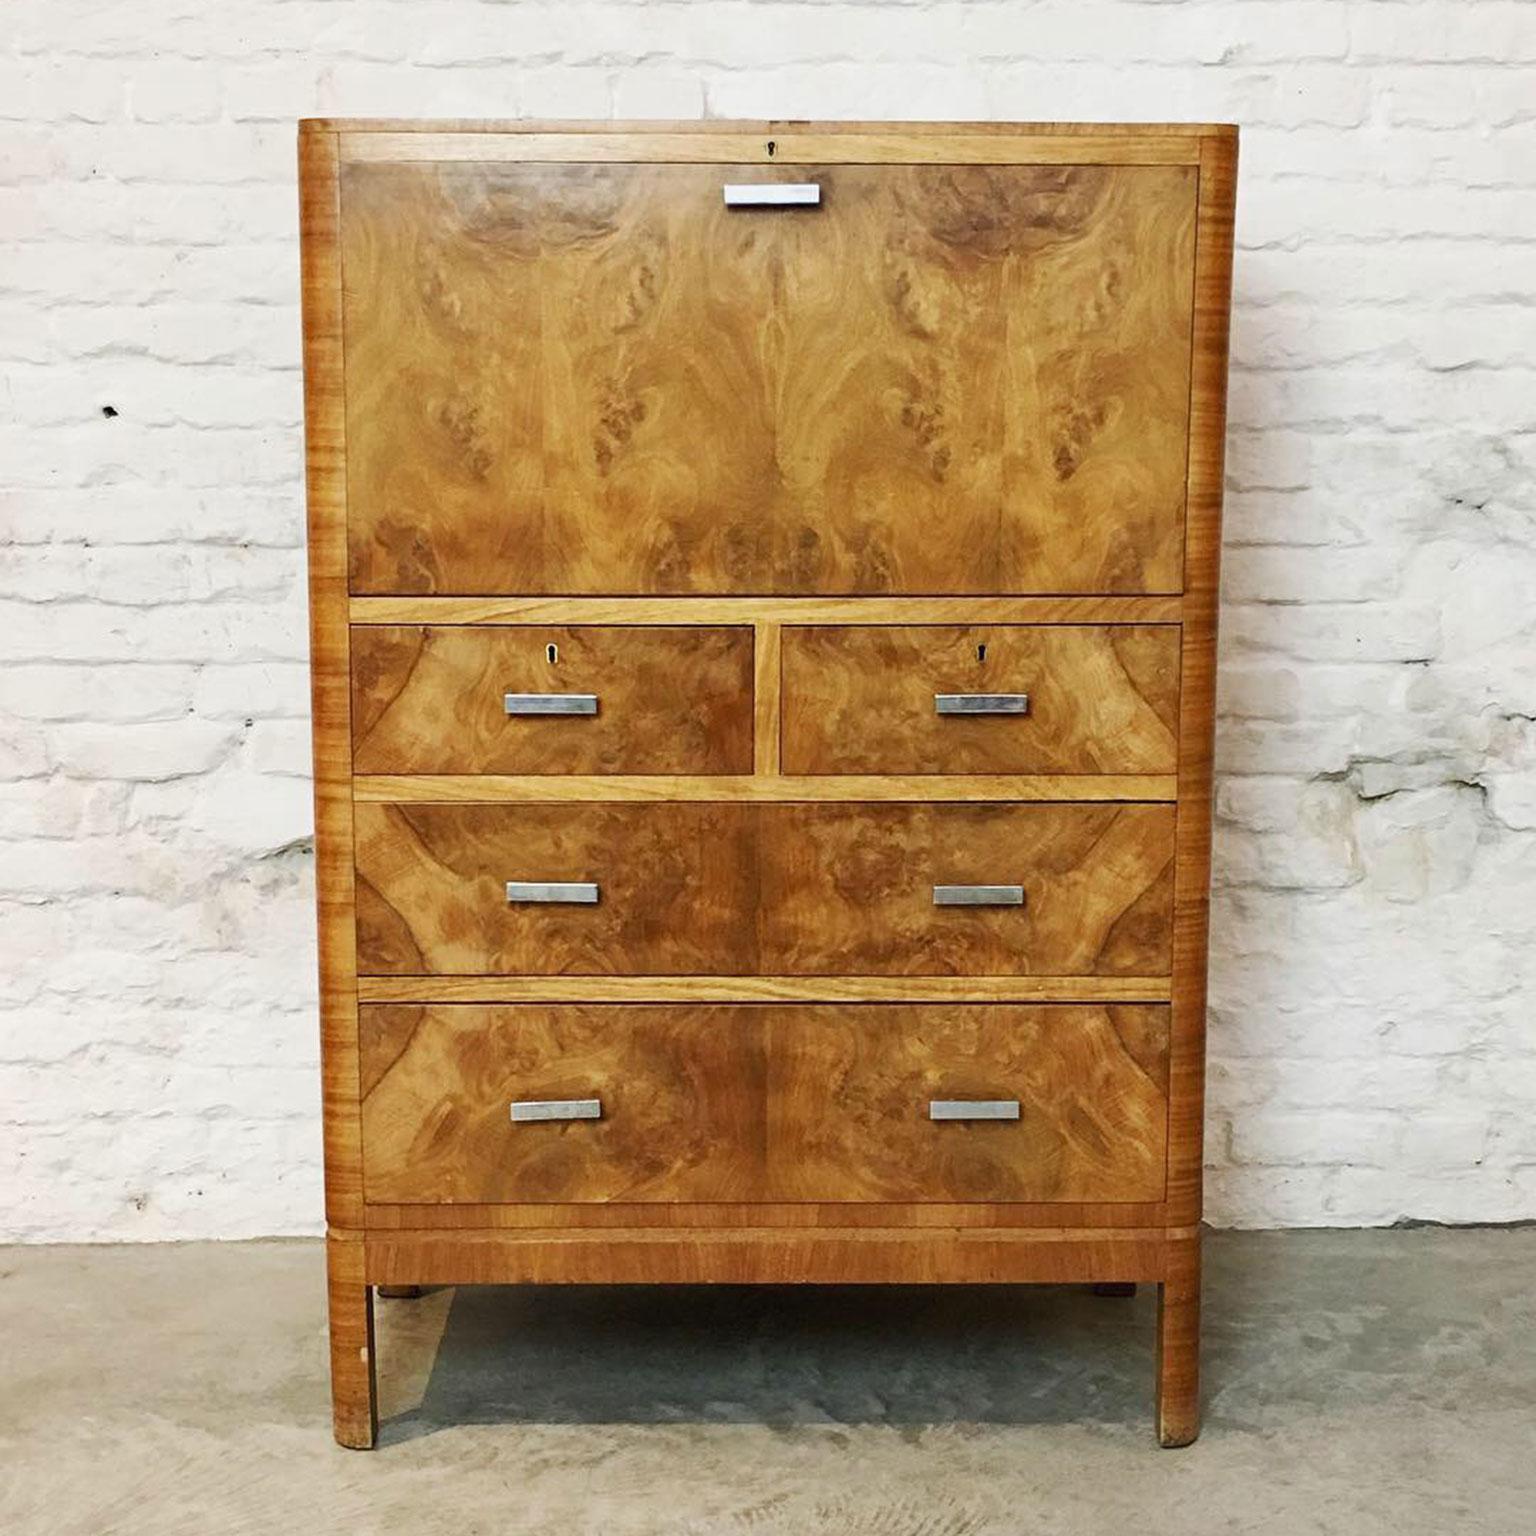 Die-Firma-vintage-shop-Antwerp-art-deco-secretaire-Heal's-of-London